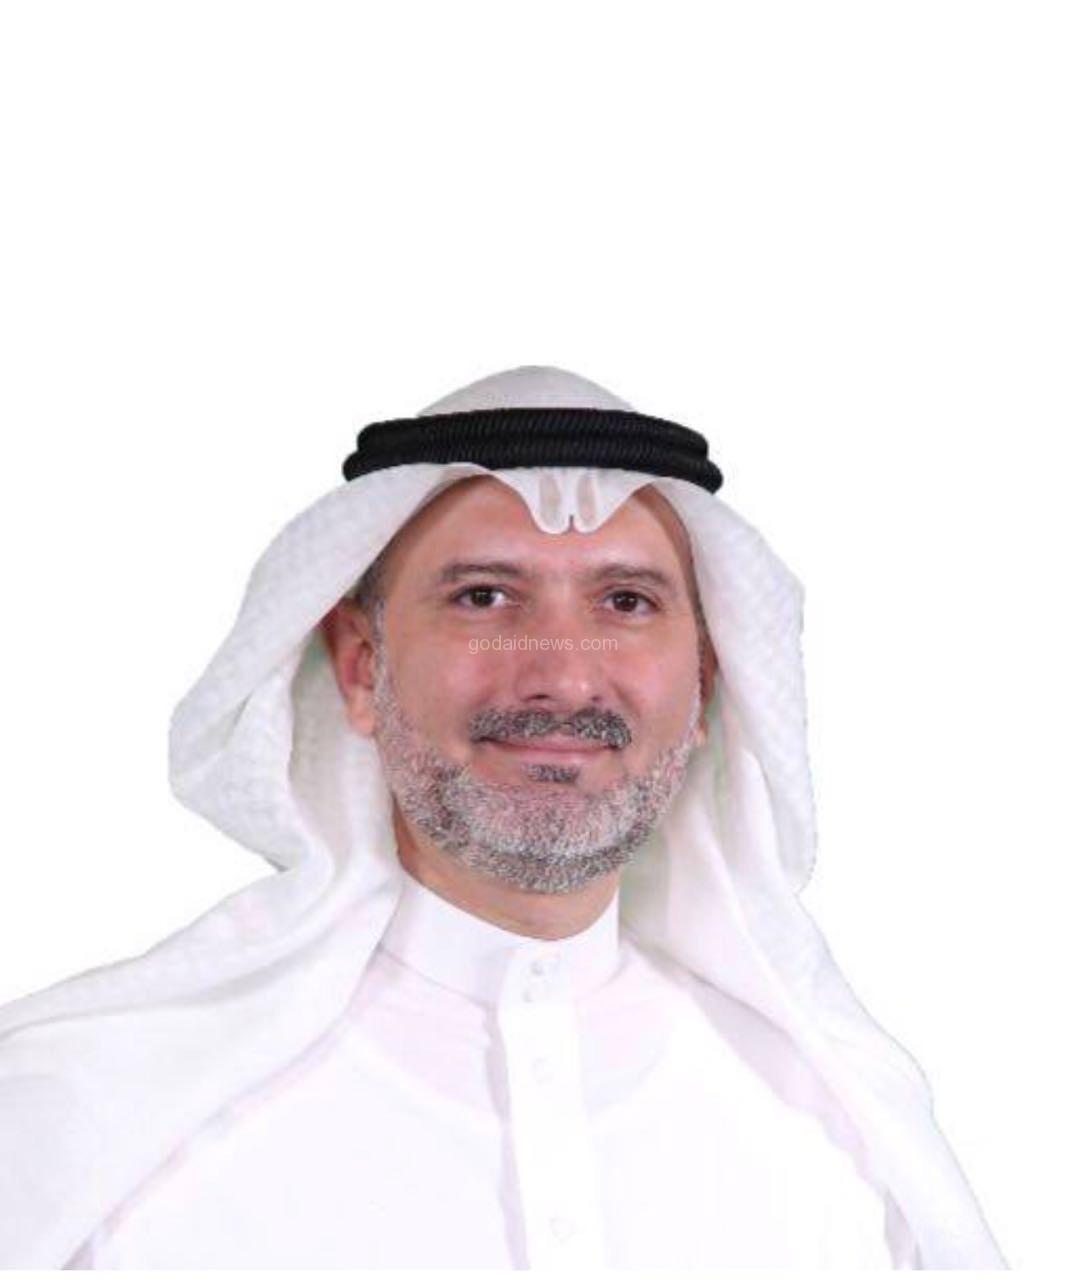 د. كوشك : تحفيز الملك سلمان للقطاع الخاص نقلة نوعيّة لدعم الإقتصاد الوطني